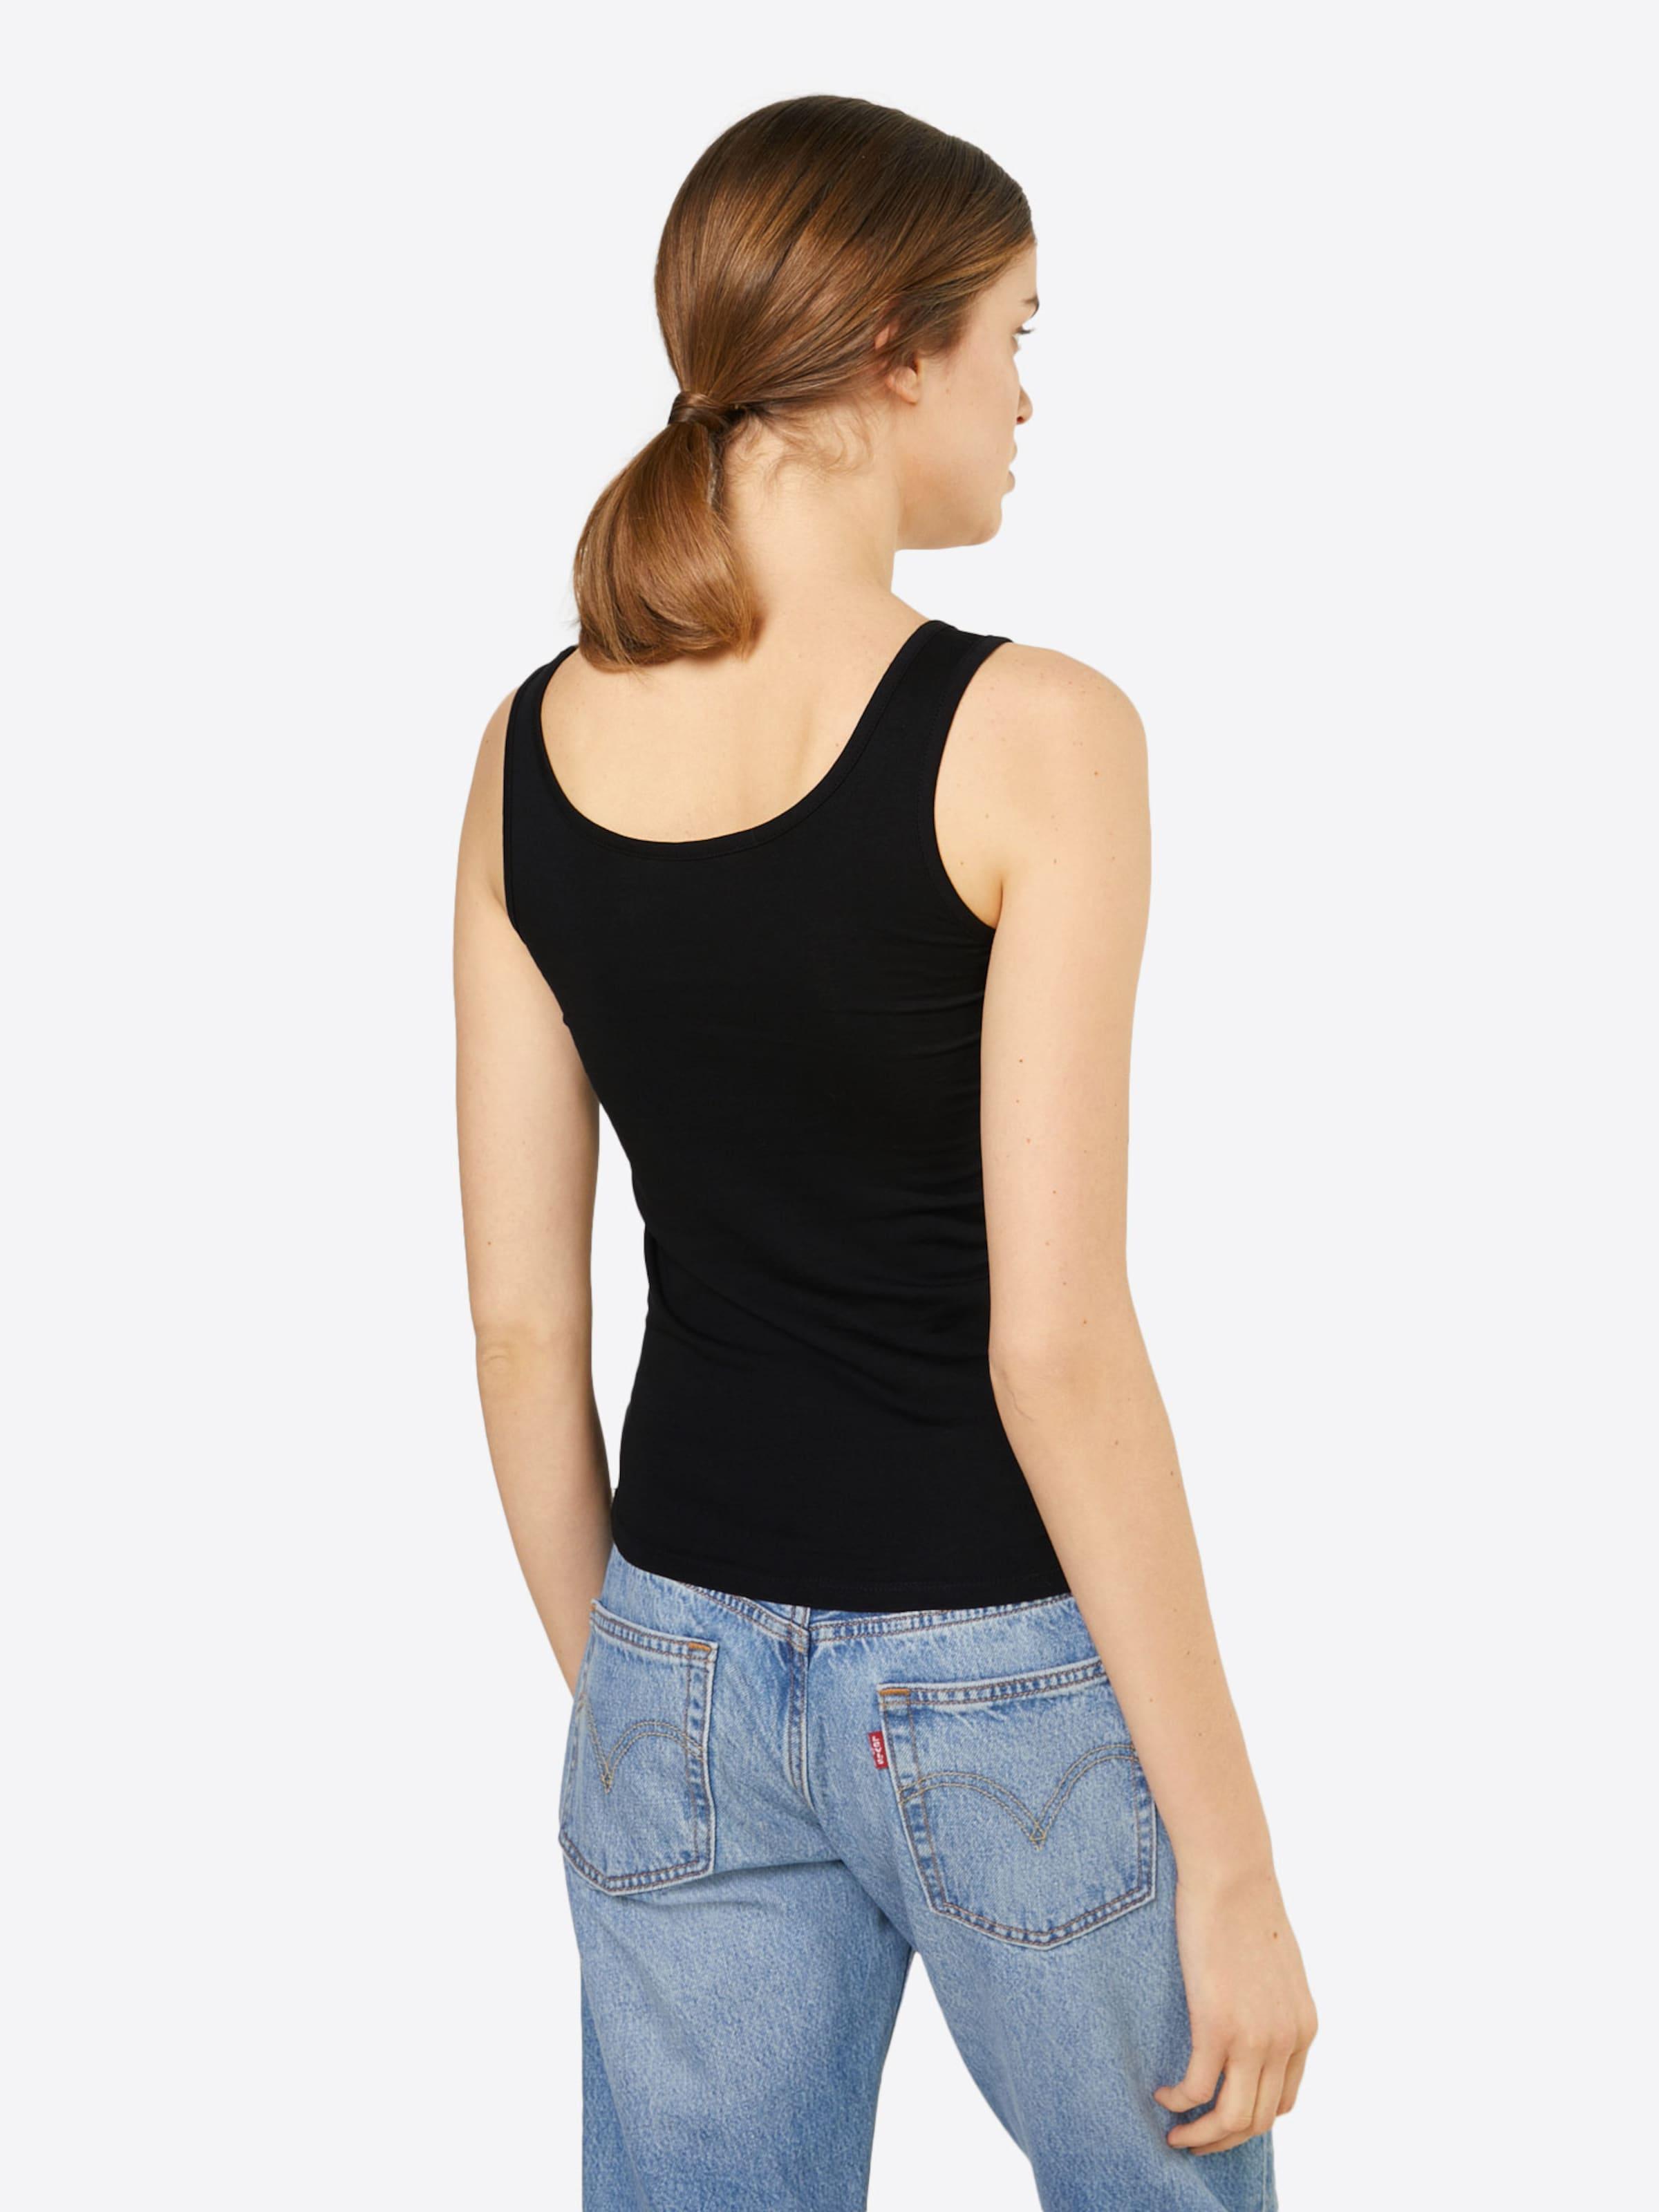 Schnelle Lieferung Günstiger Preis Urban Classics Jersey Top 'Ladies 2-Pack Basic Stretch Top' Billige Sast Mx2vh